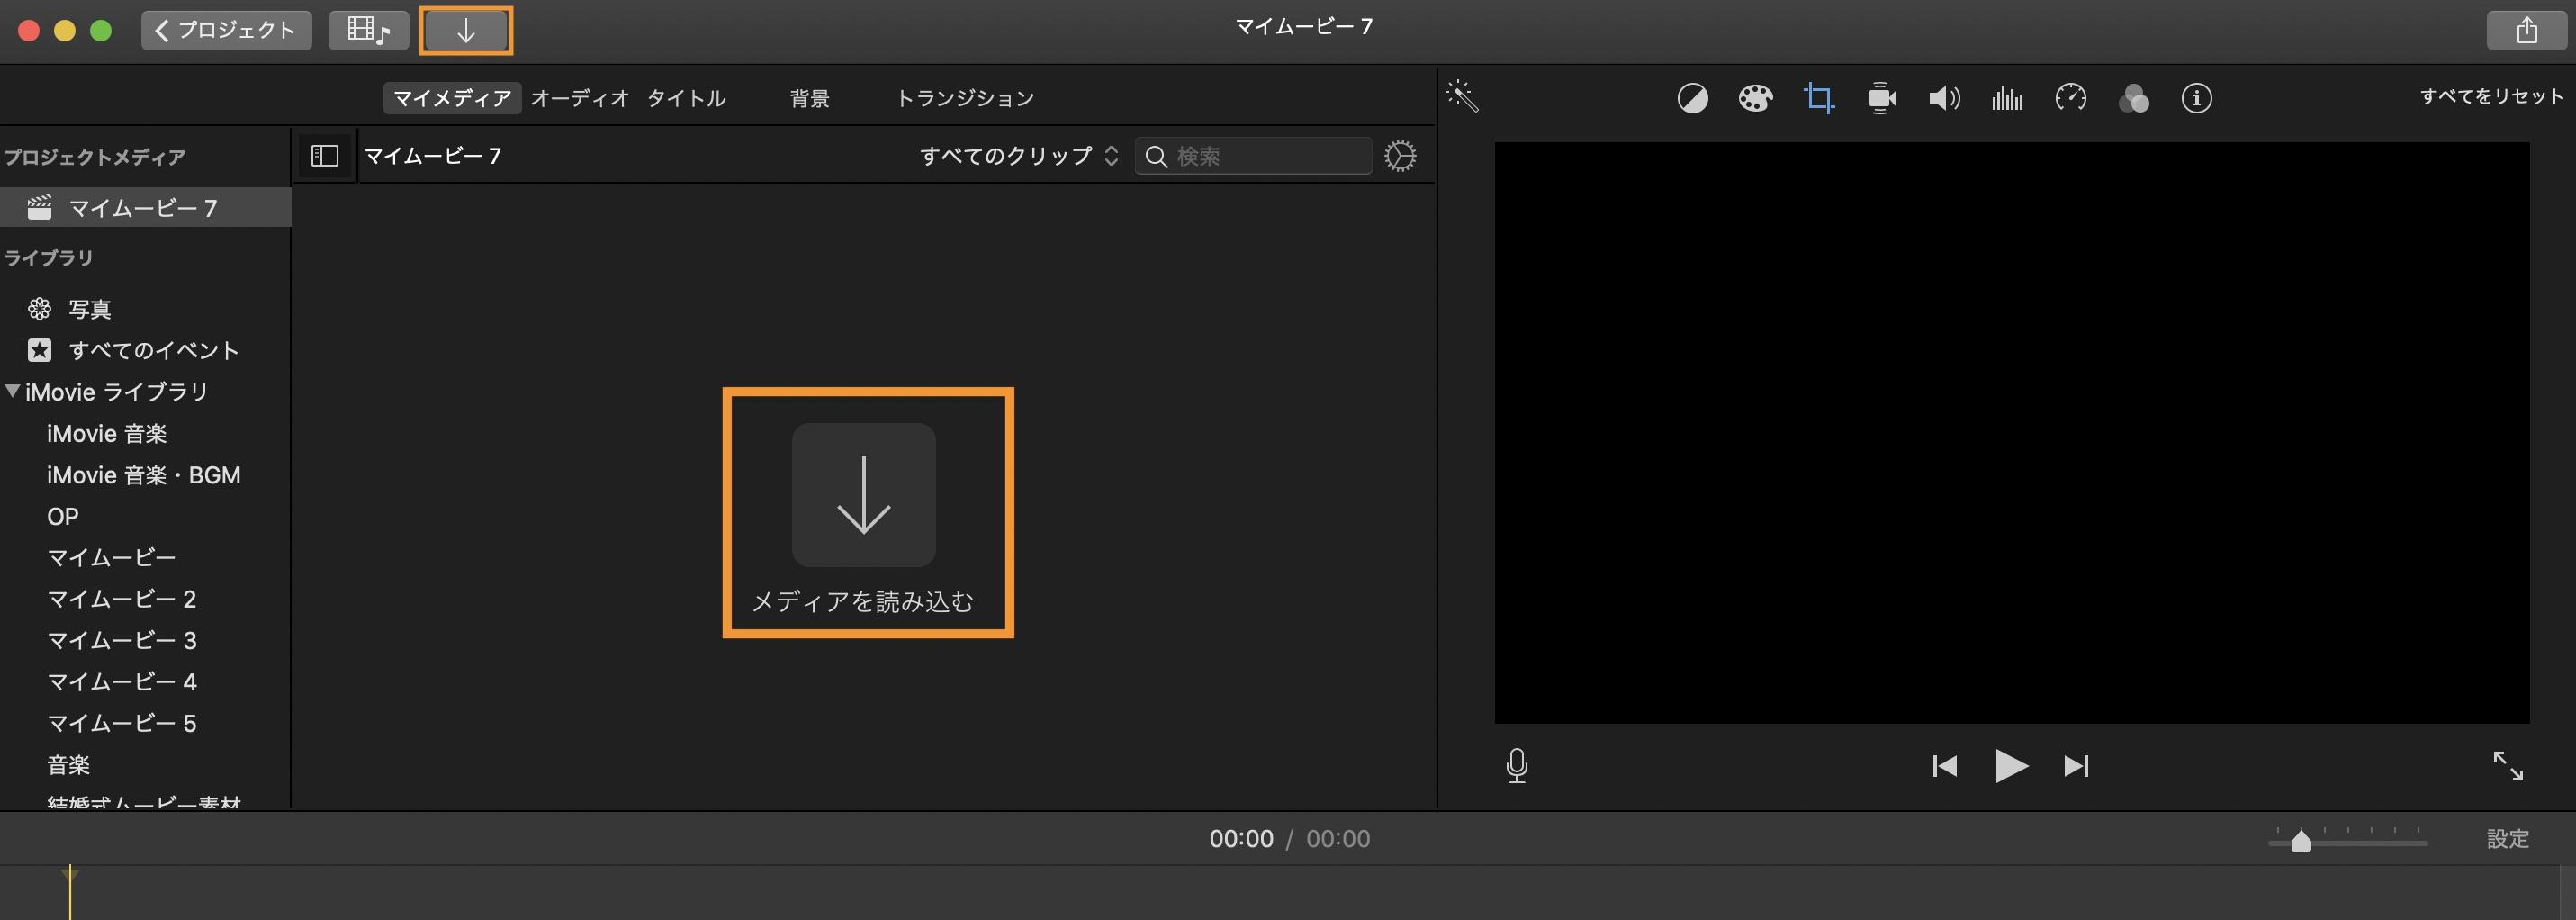 手順1 動画を撮影する